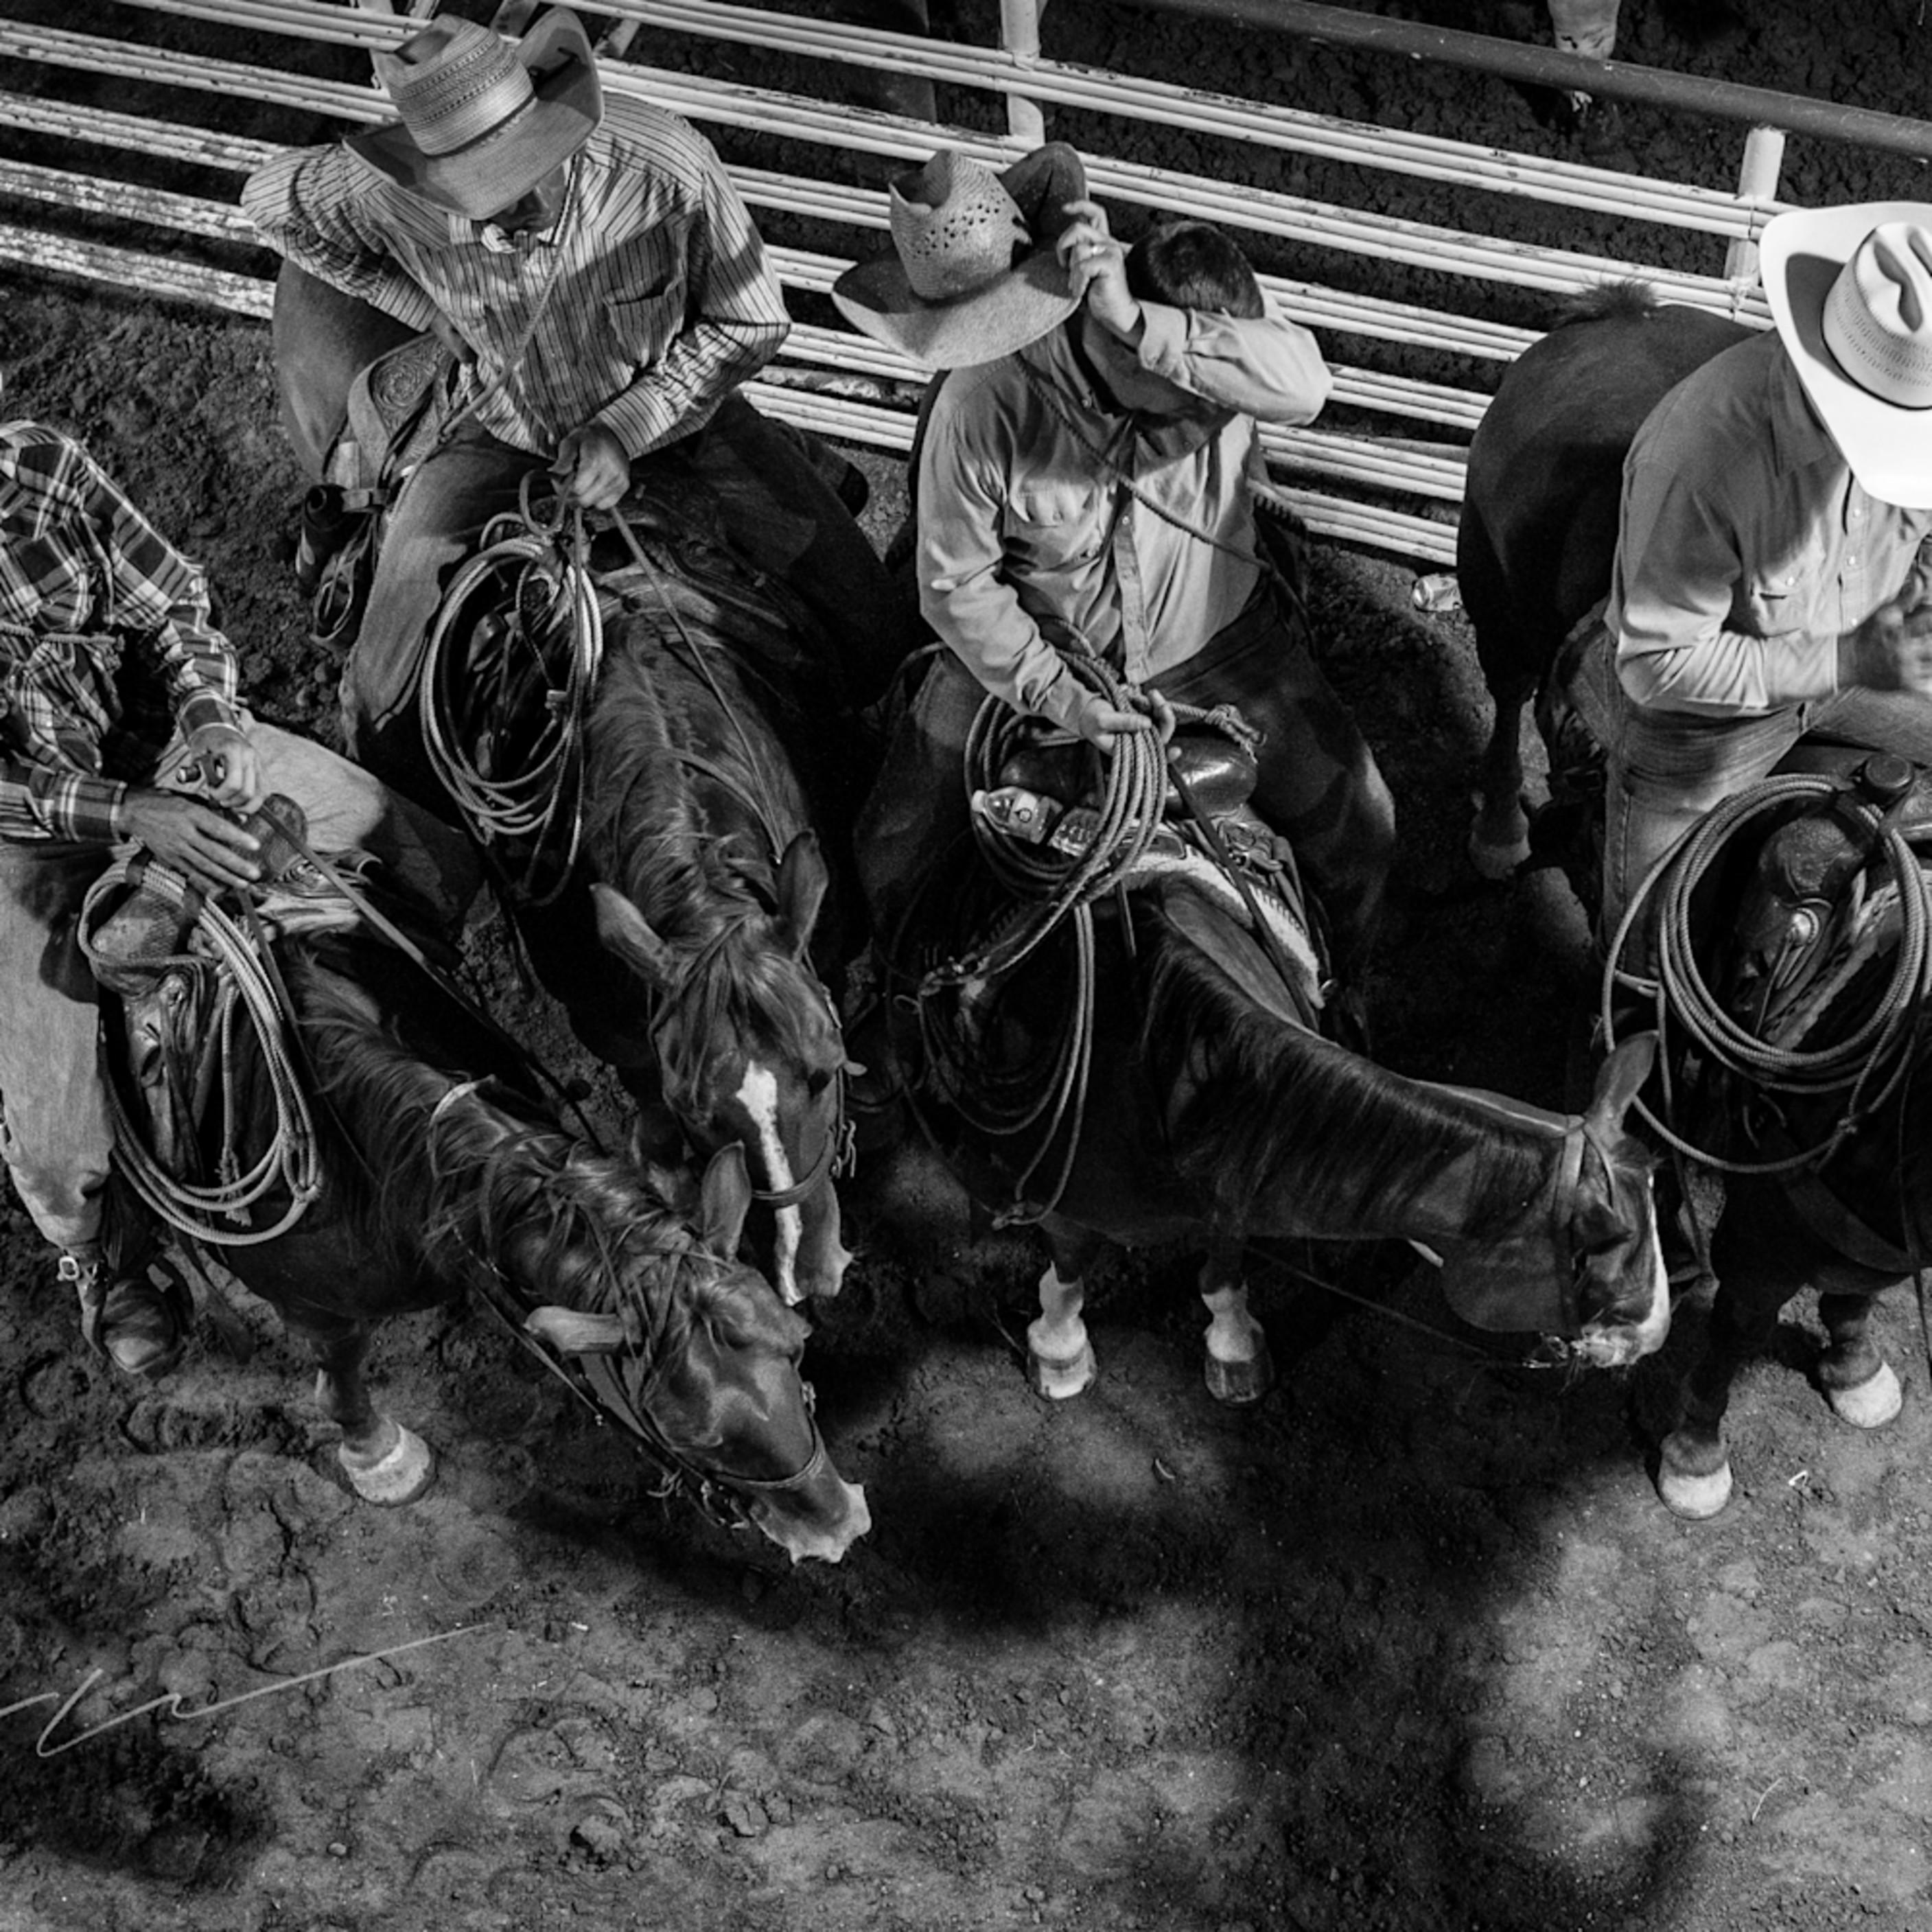 Cowboy reunion 2016 0949 434 da6qga